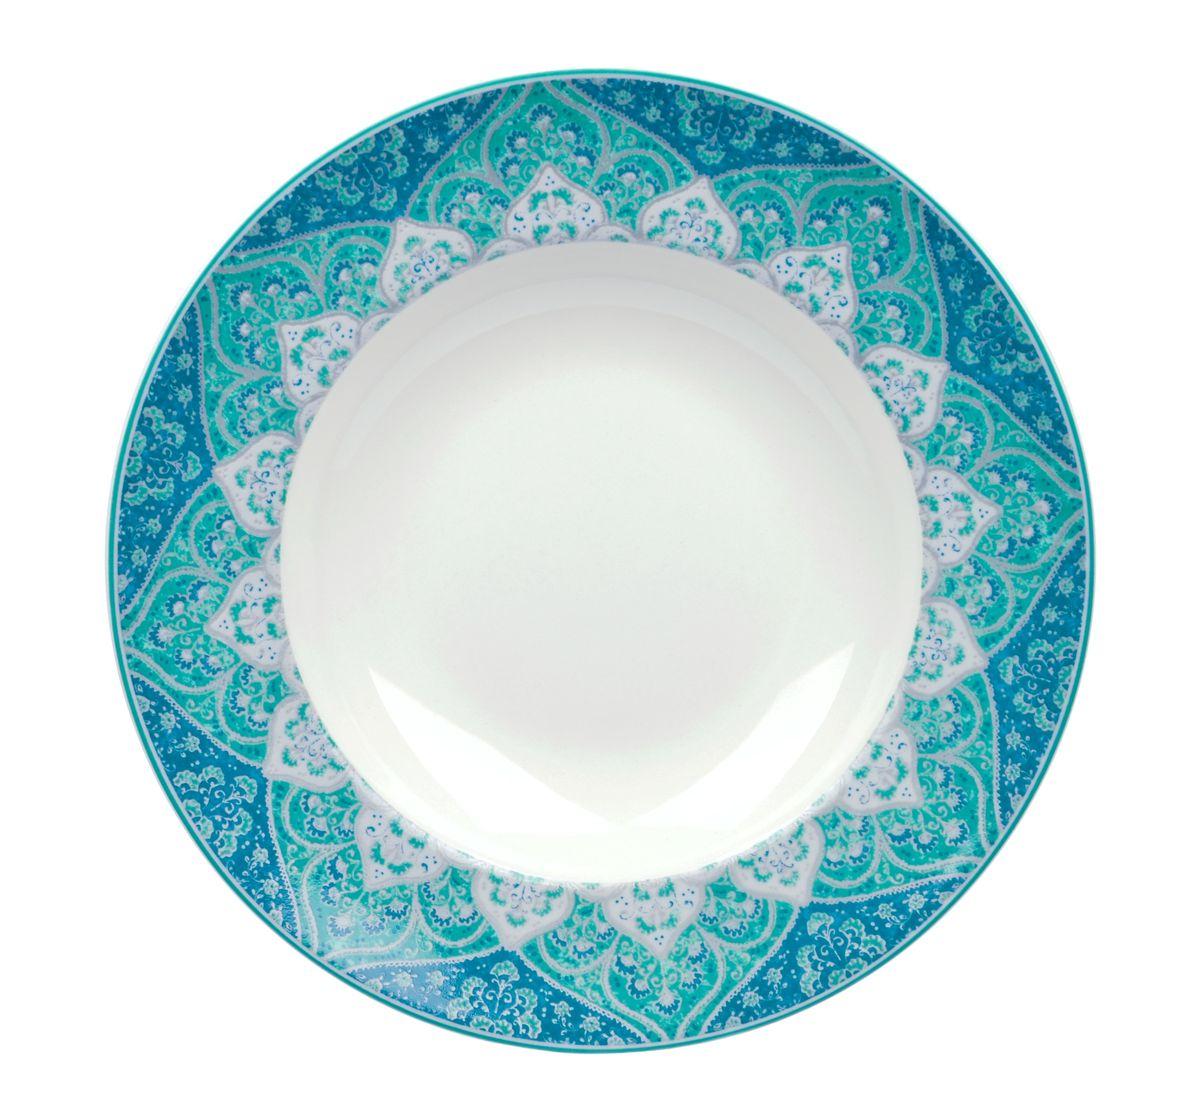 Тарелка глубокая Utana Кашан Блю, диаметр 24 смUTKB94920Тарелка Utana Кашан Блю изготовлена из высококачественной керамики. Предназначена для подачи супа или салата. Изделие декорировано оригинальным орнаментом. Такая тарелка украсит сервировку стола и подчеркнет прекрасный вкус хозяйки. Можно мыть в посудомоечной машине и использовать в СВЧ. Диаметр: 24 см. Высота: 4,5 см.